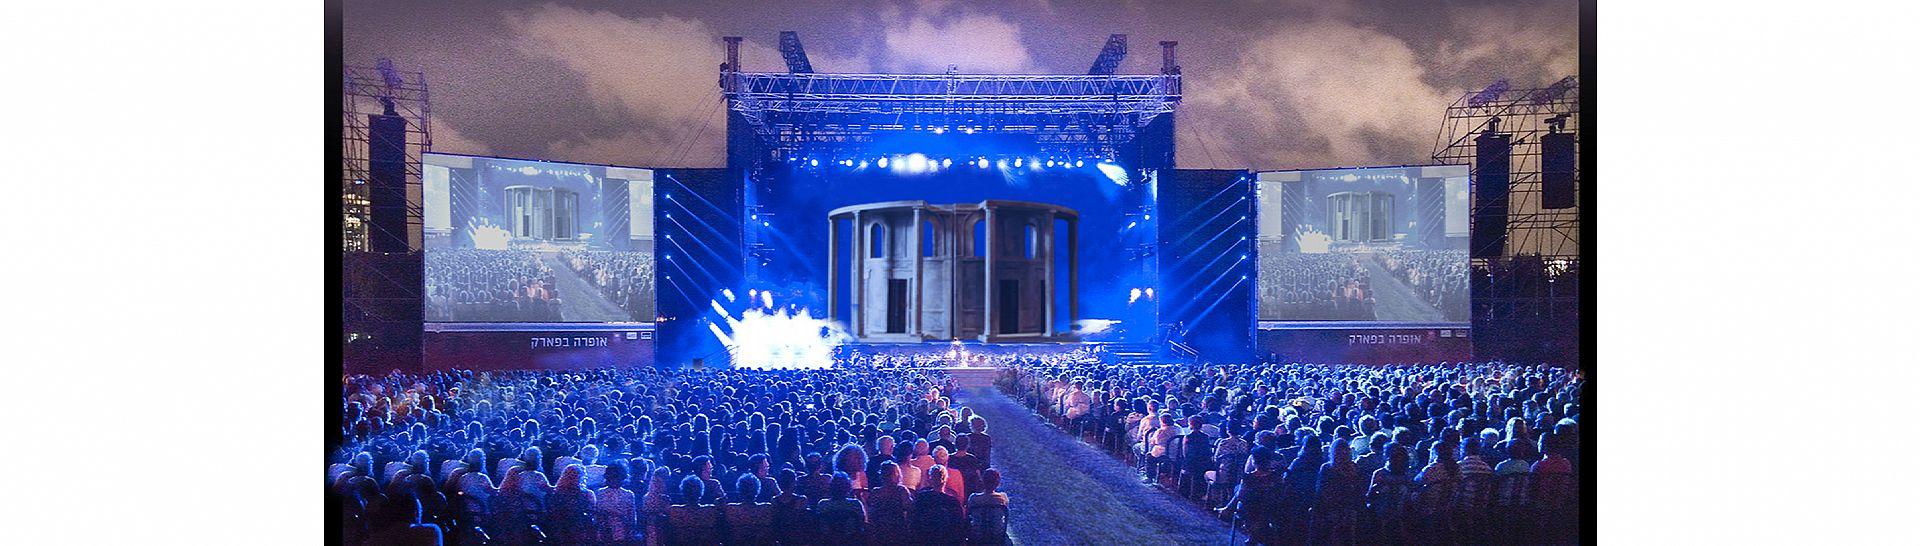 אופרה בפארק הירקון - טוסקה בפארק